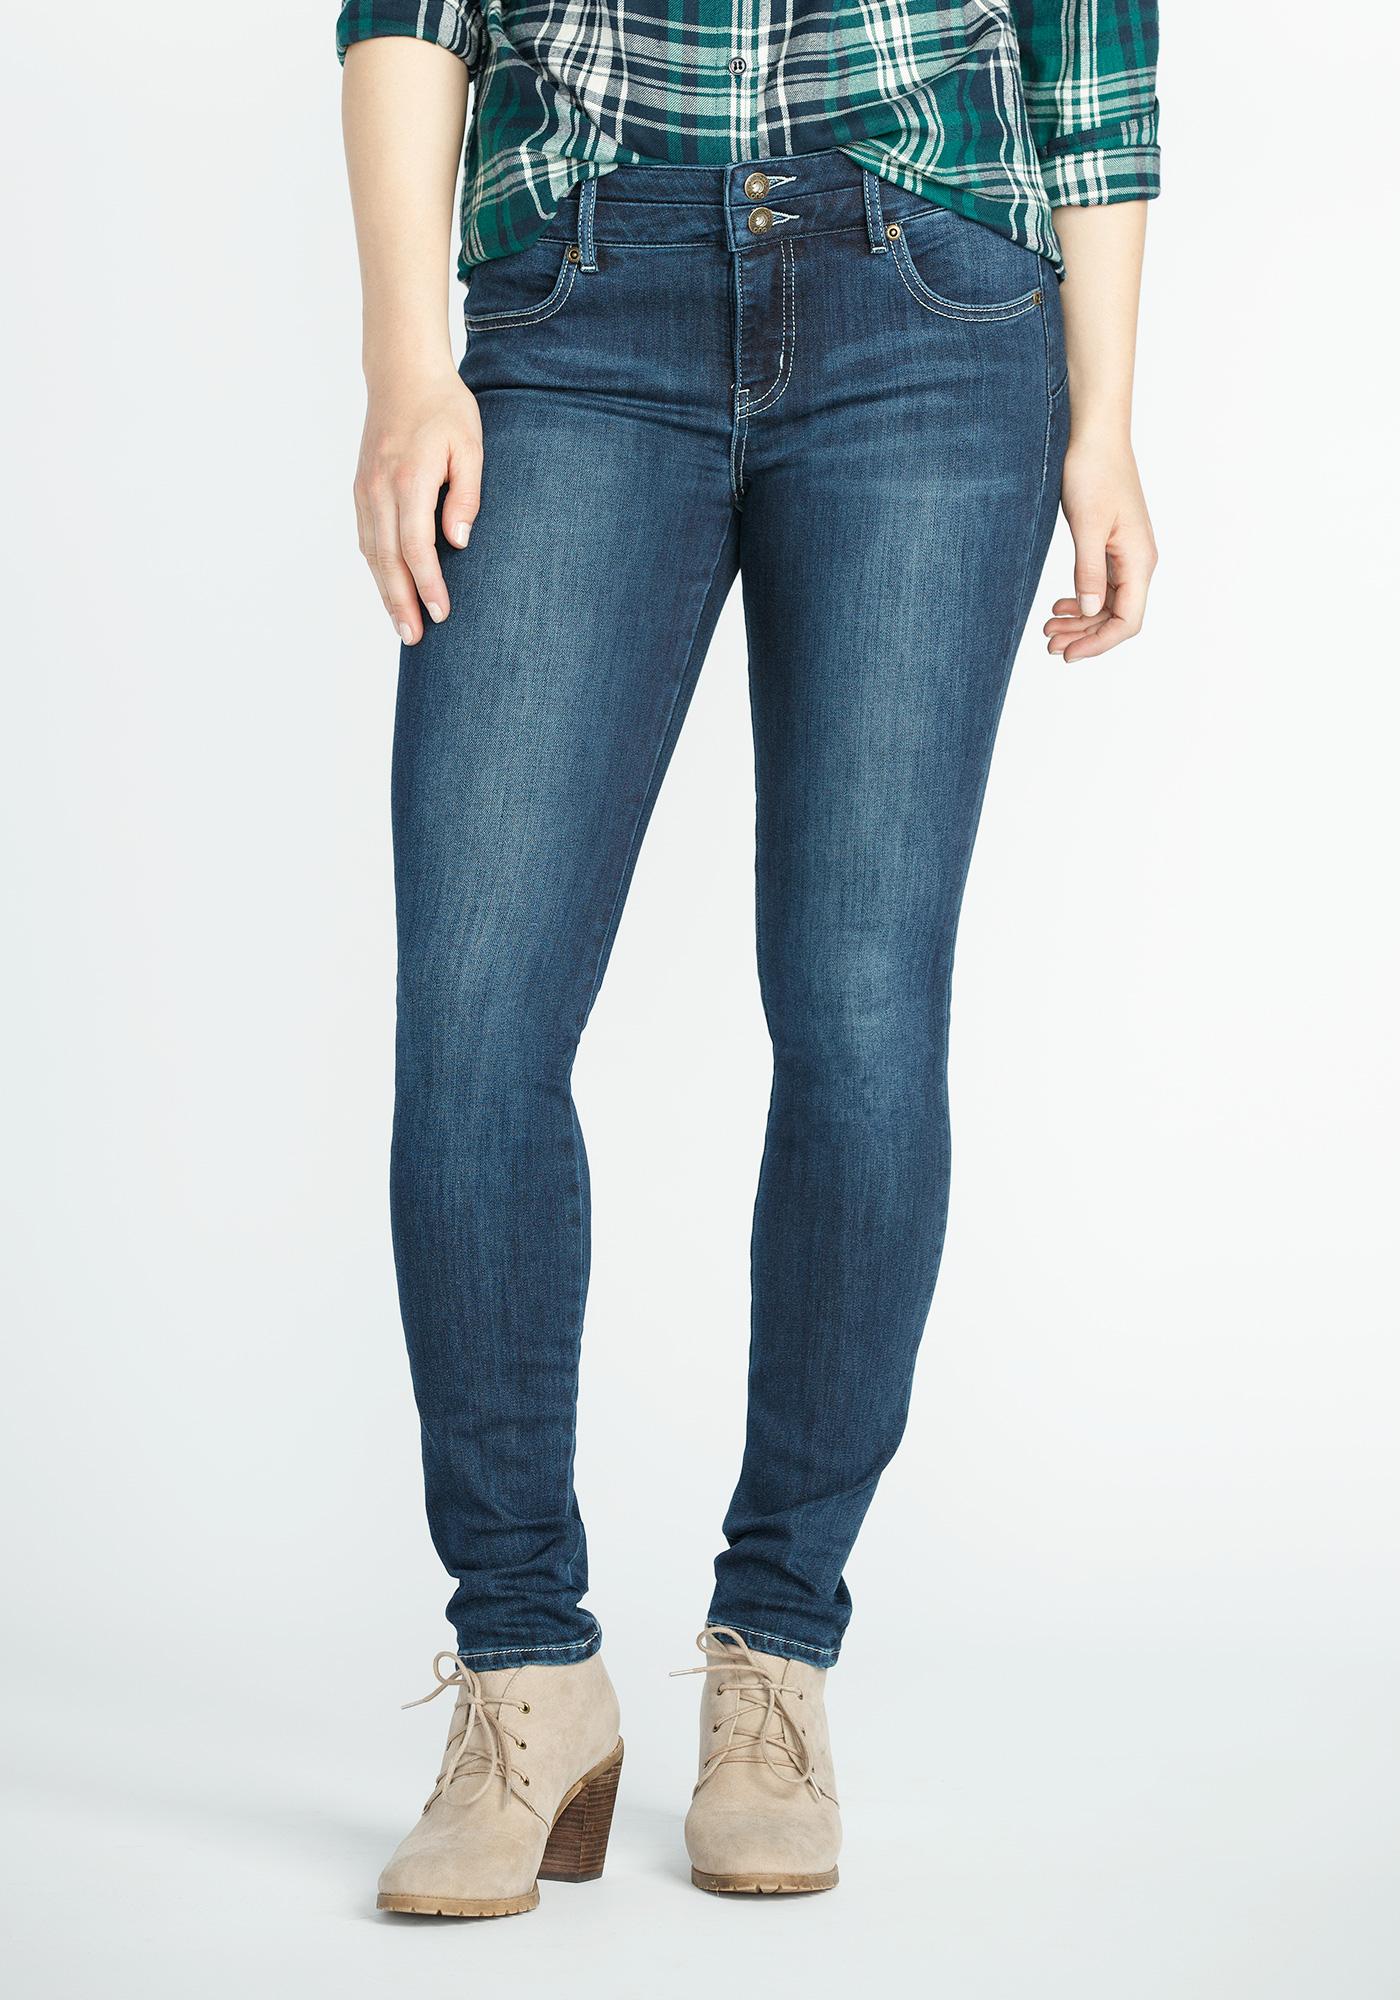 Ladies in skinny jeans